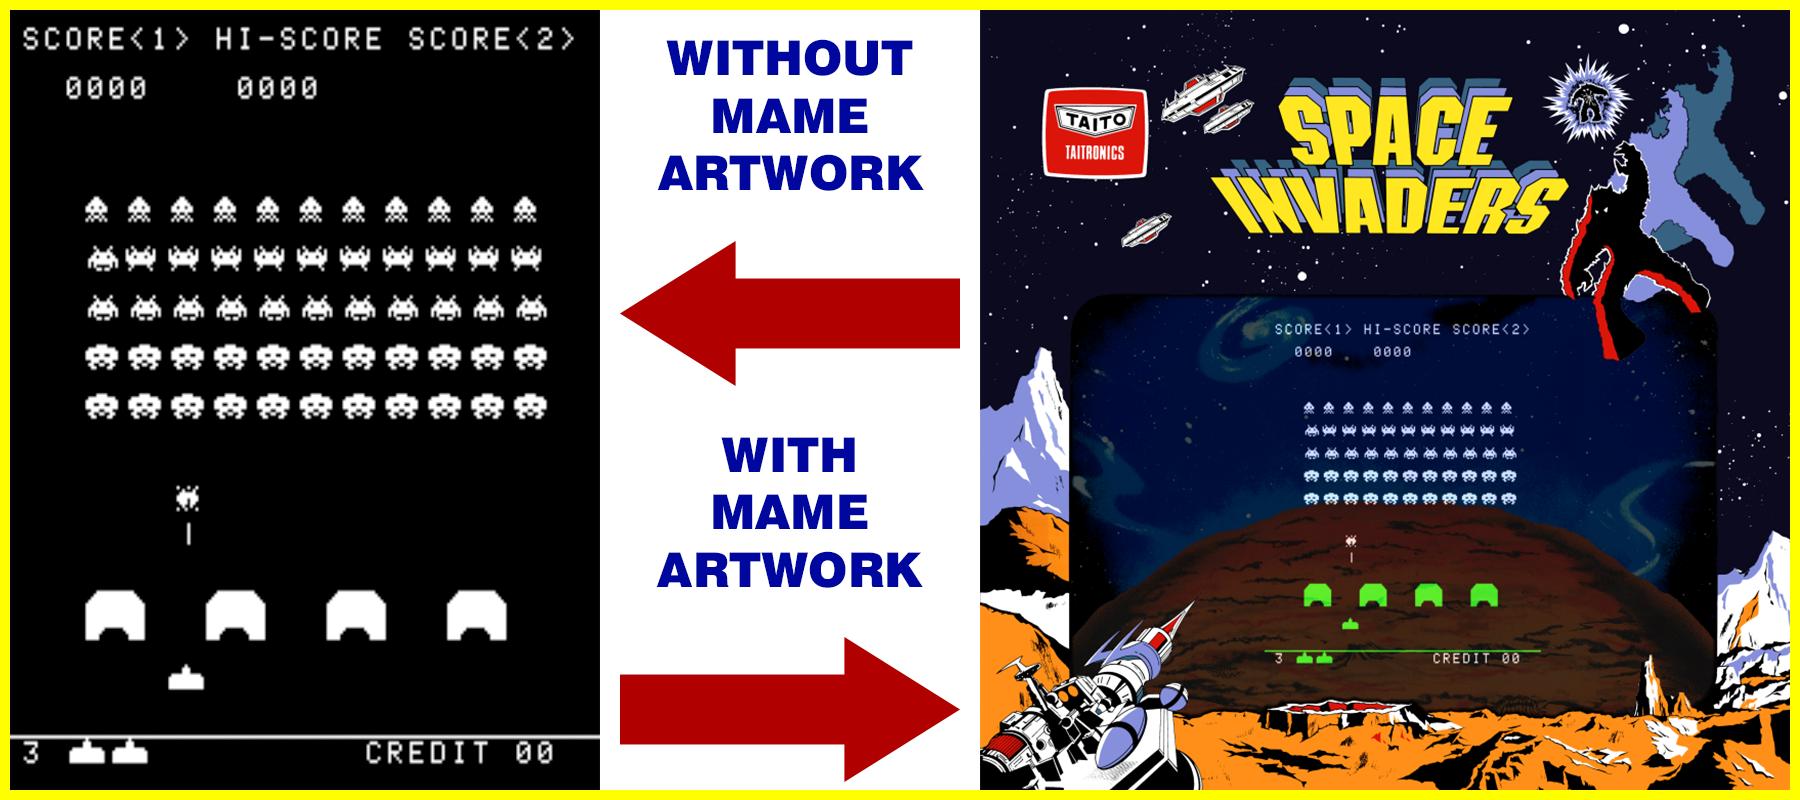 MAME Artwork and Arcade Artwork - Mr  Do!'s Arcade